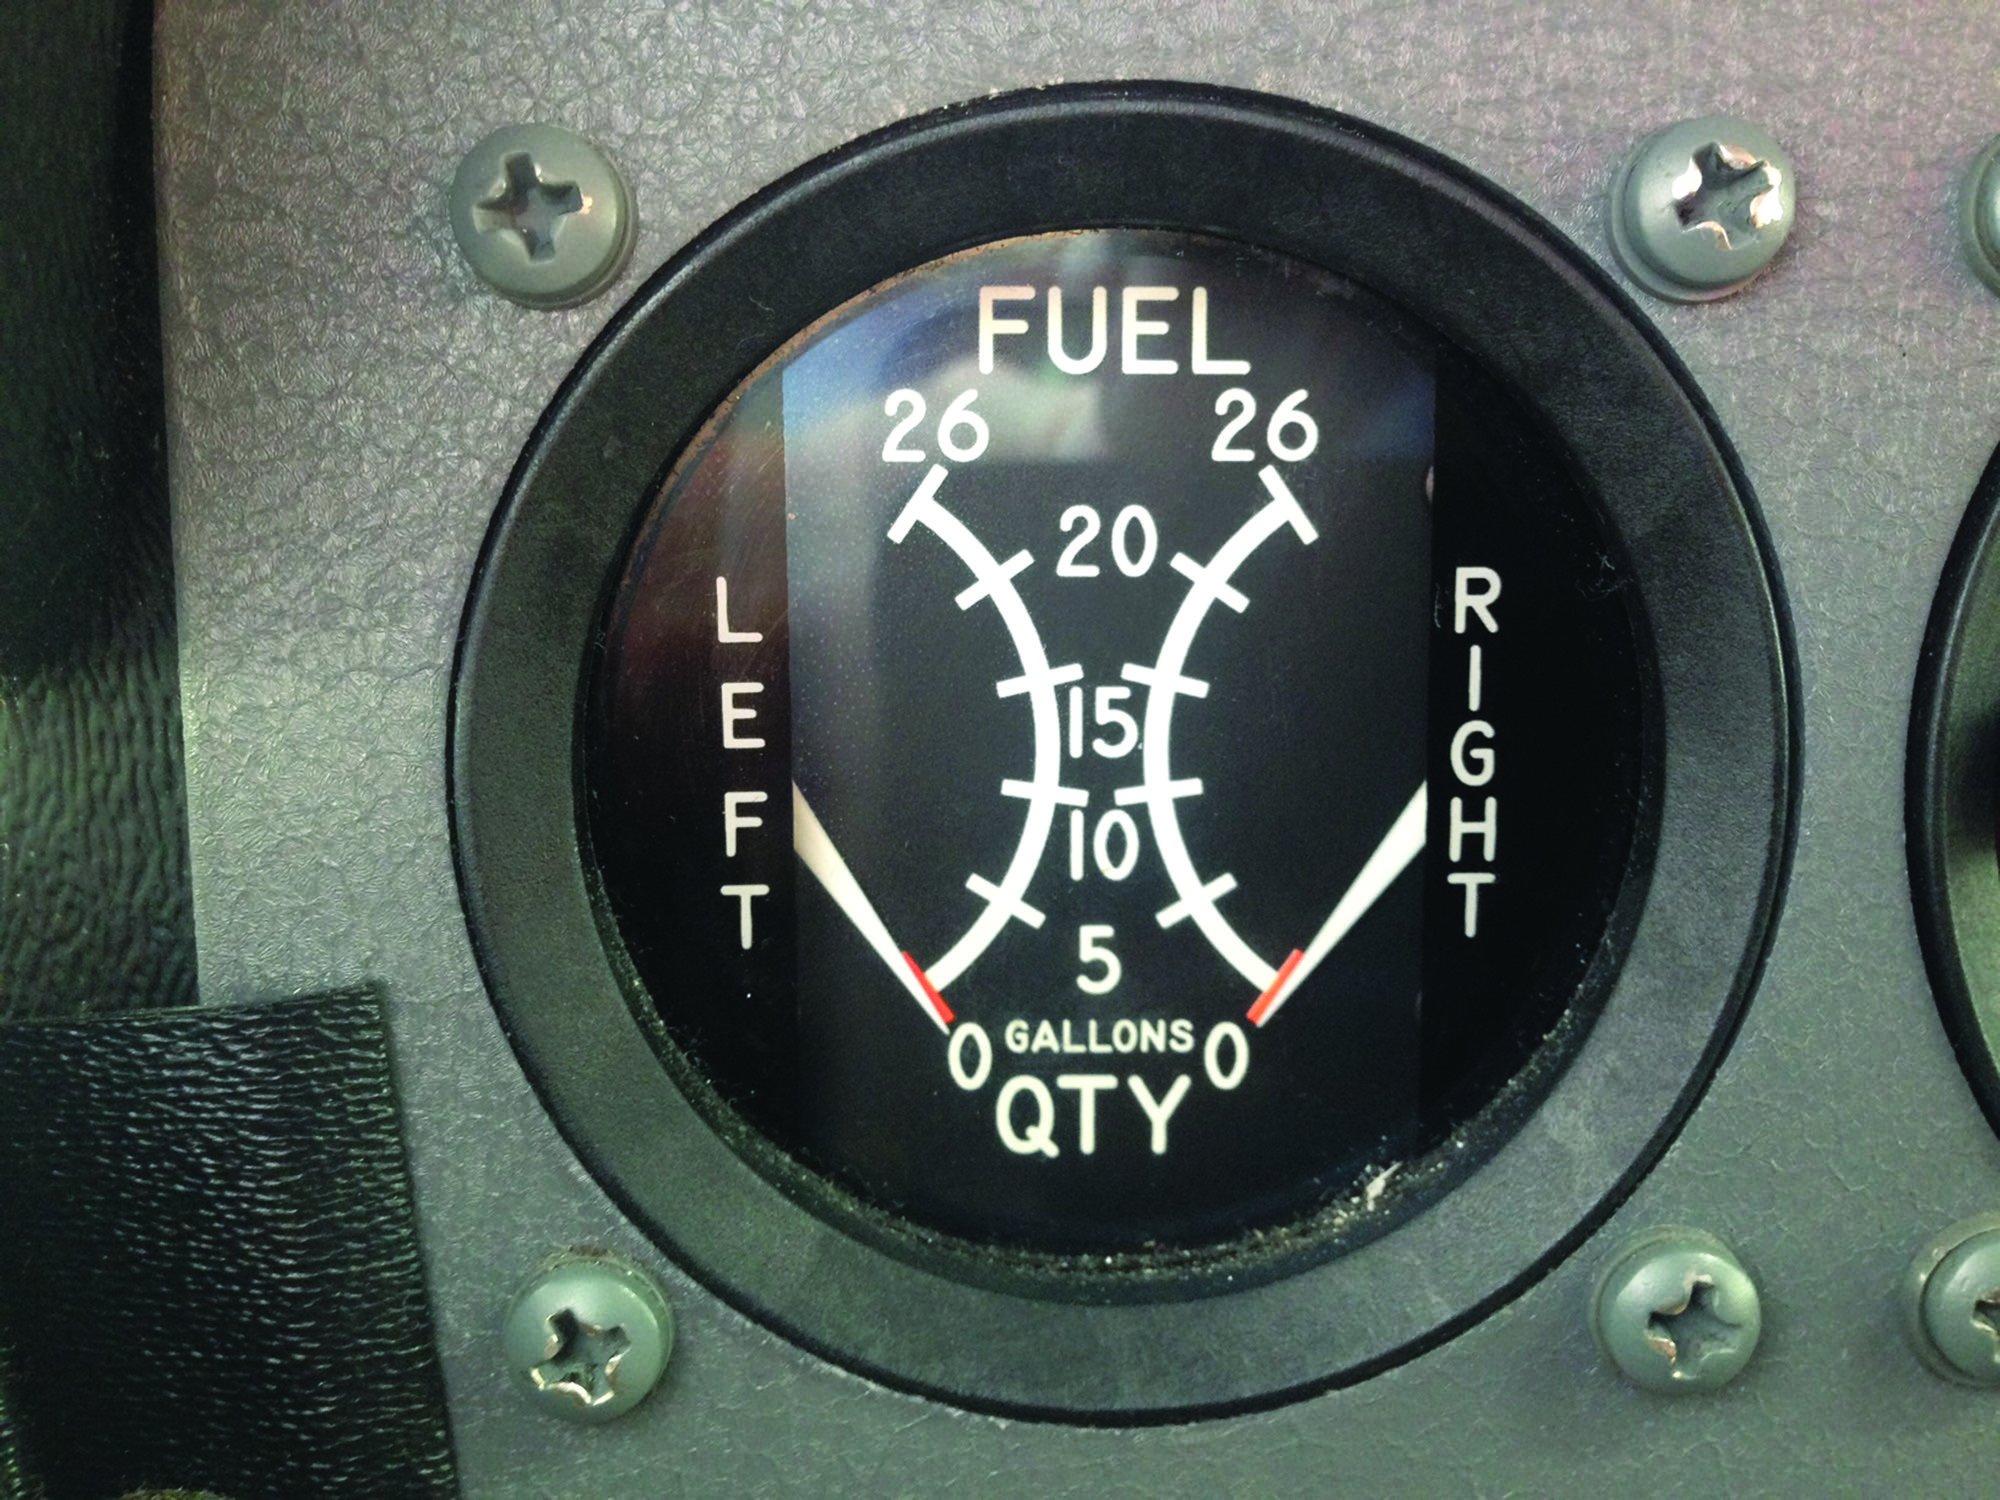 20 Fuel_contents_gauge